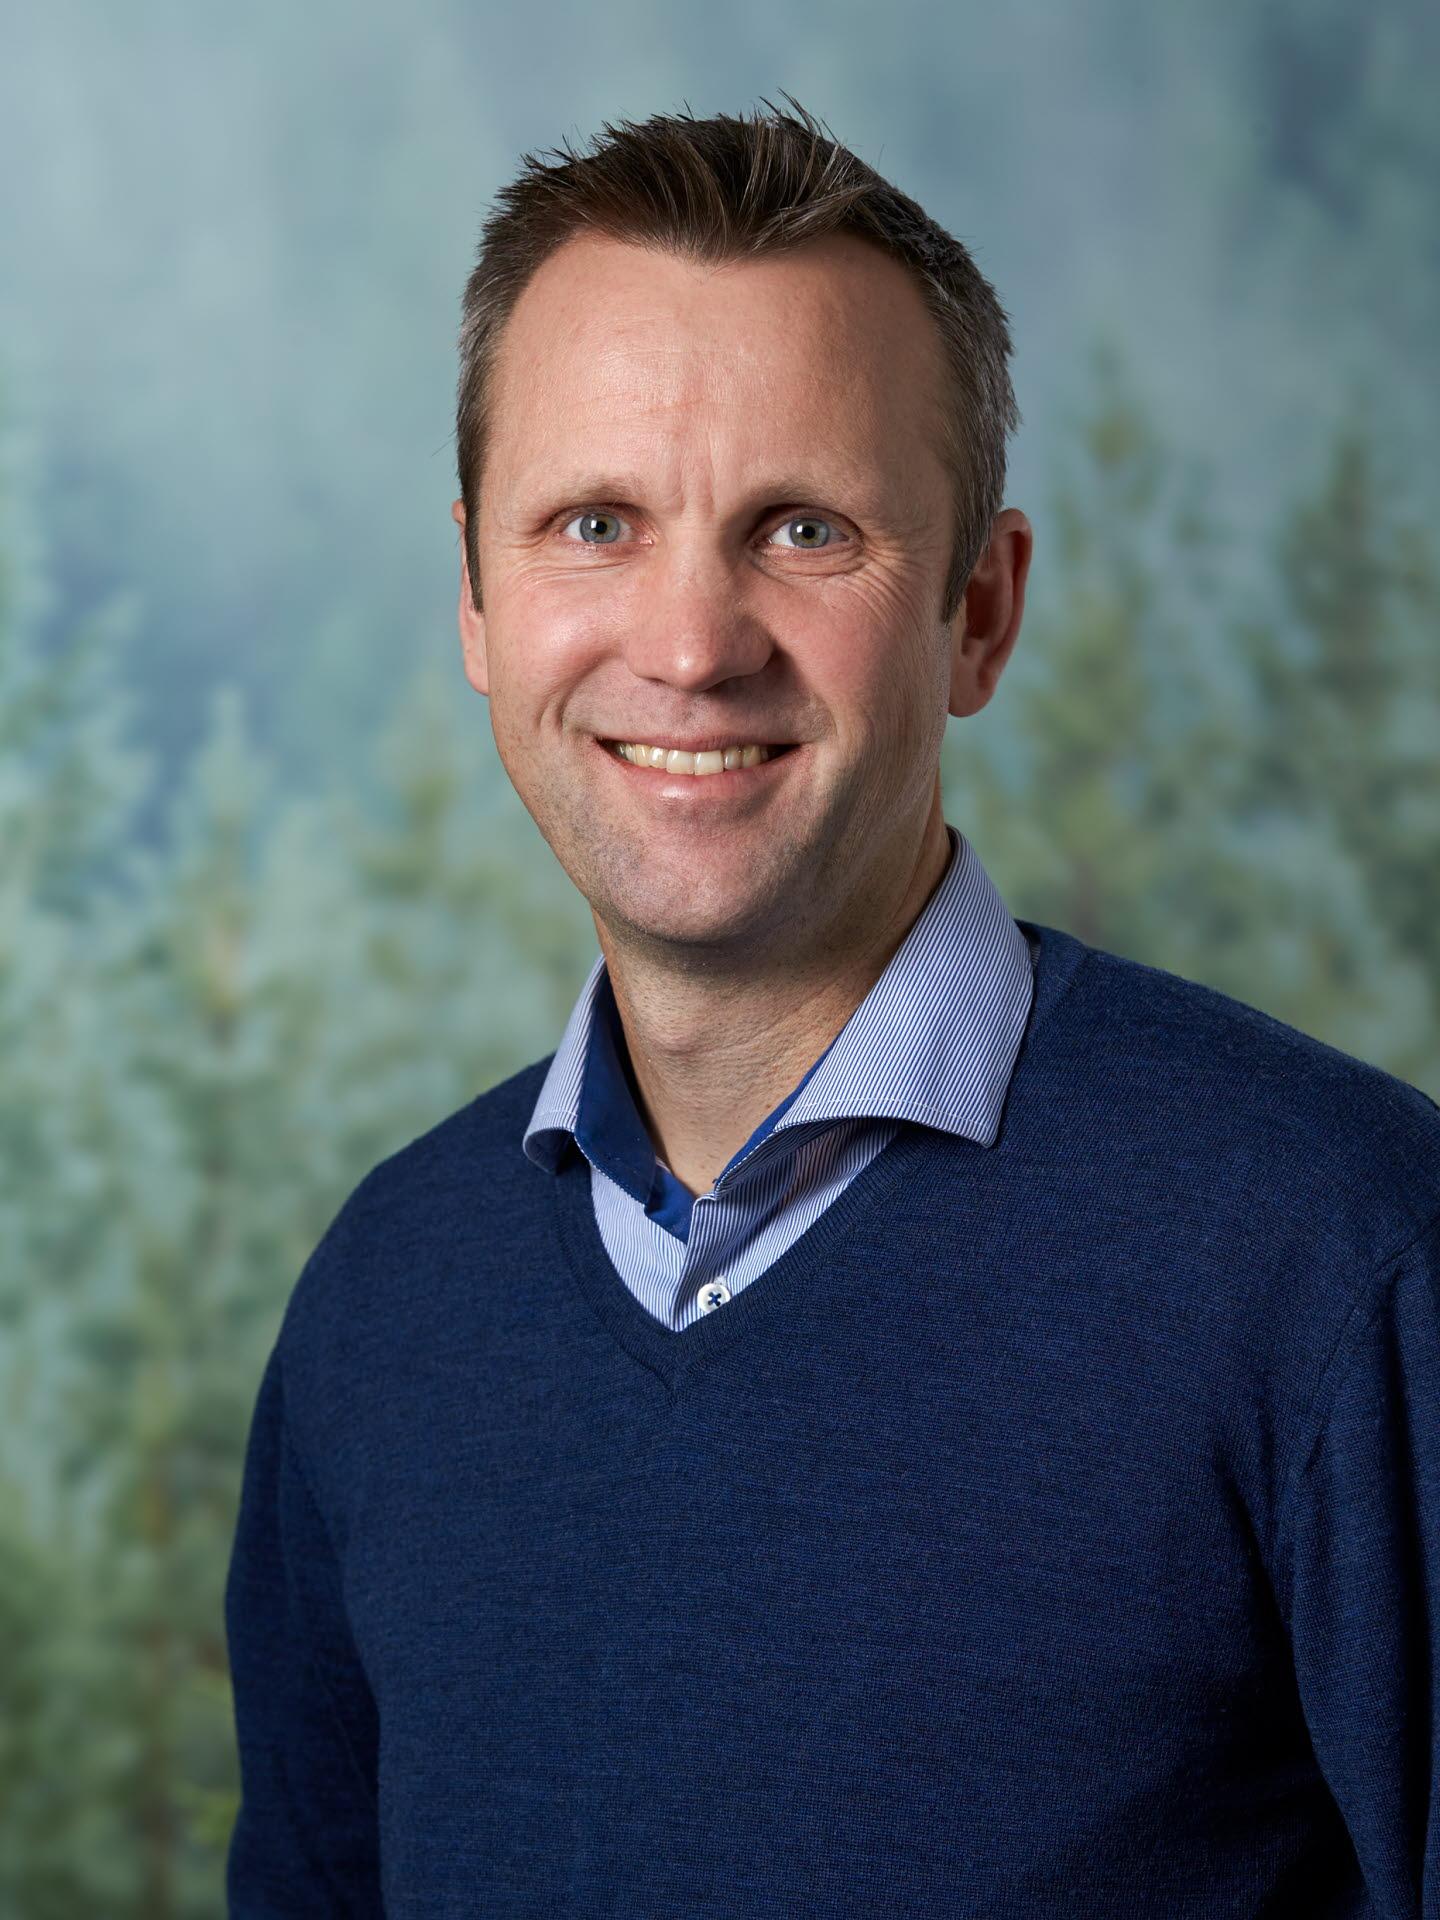 Magnus Wikström